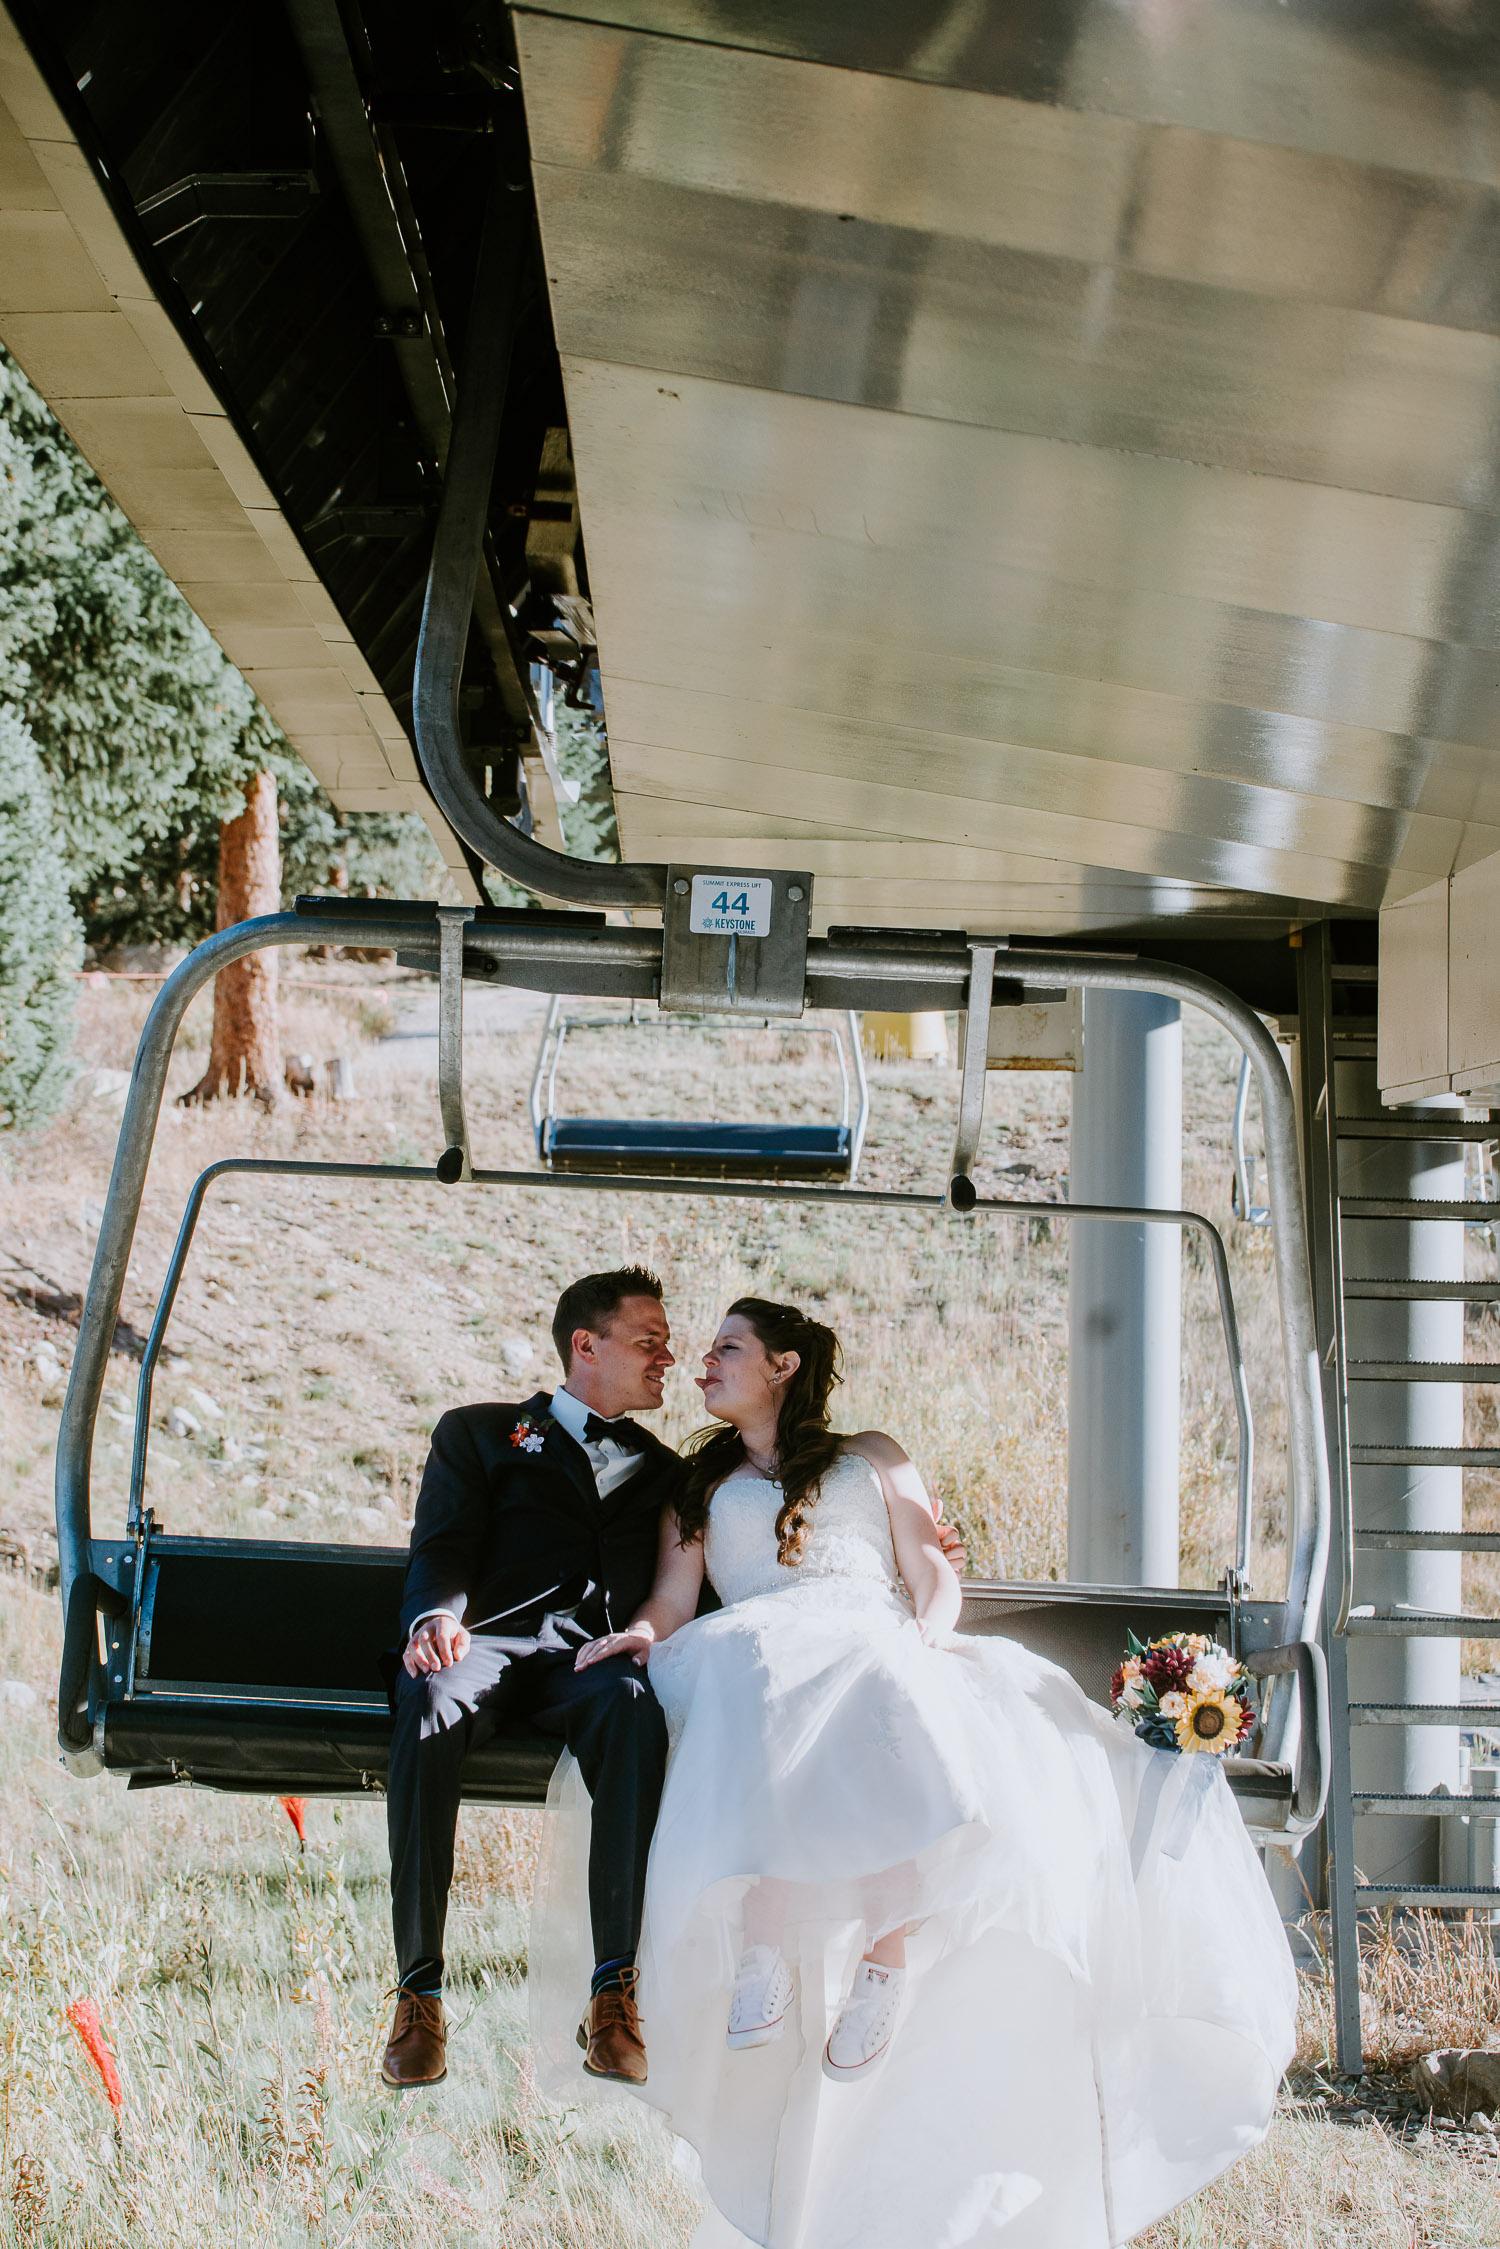 Best Of 2018 Colorado Wedding Photography, Colorado Elopement Photographer, Colorado Couples Photographer